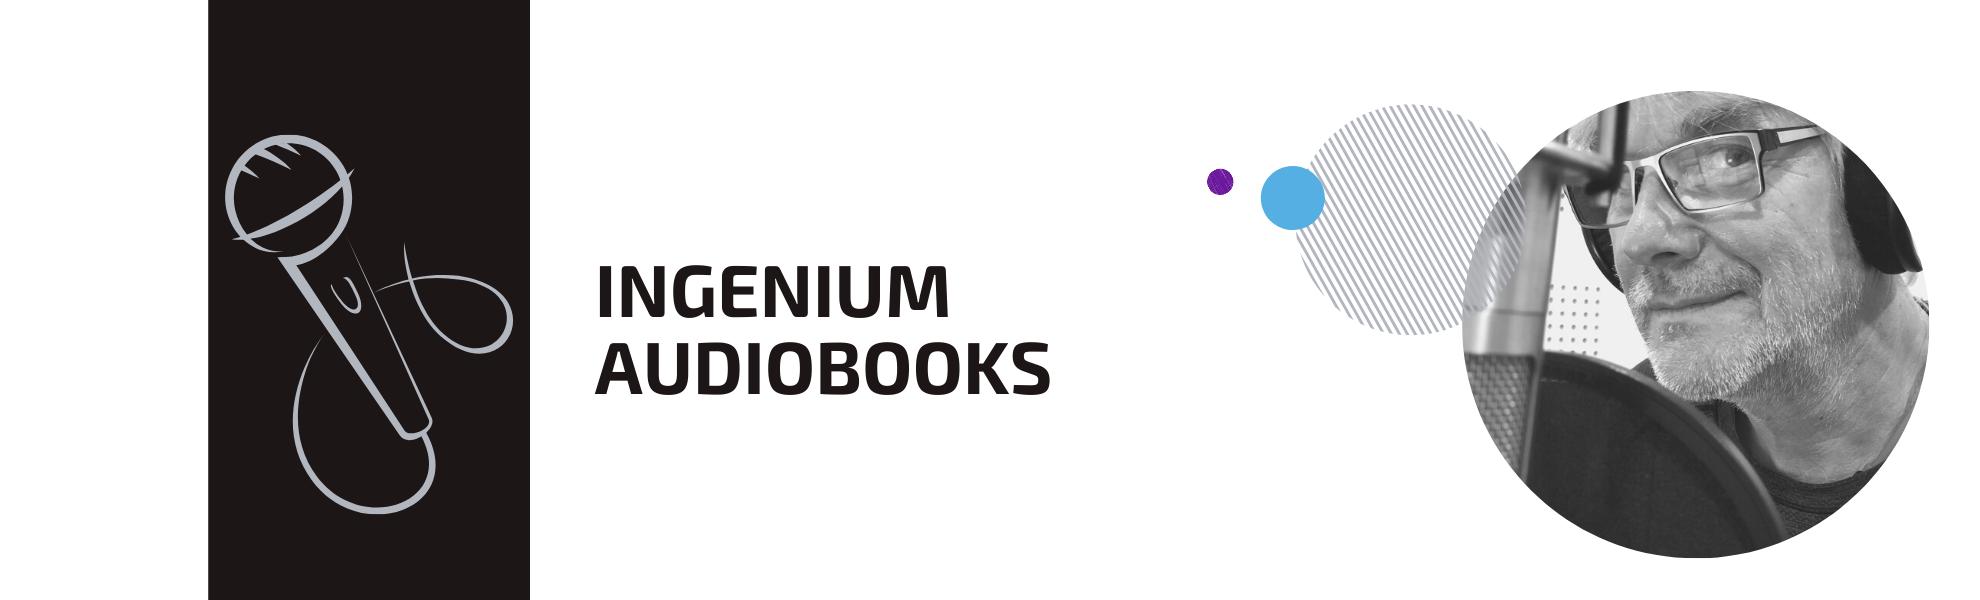 Ingenium Audiobooks Header